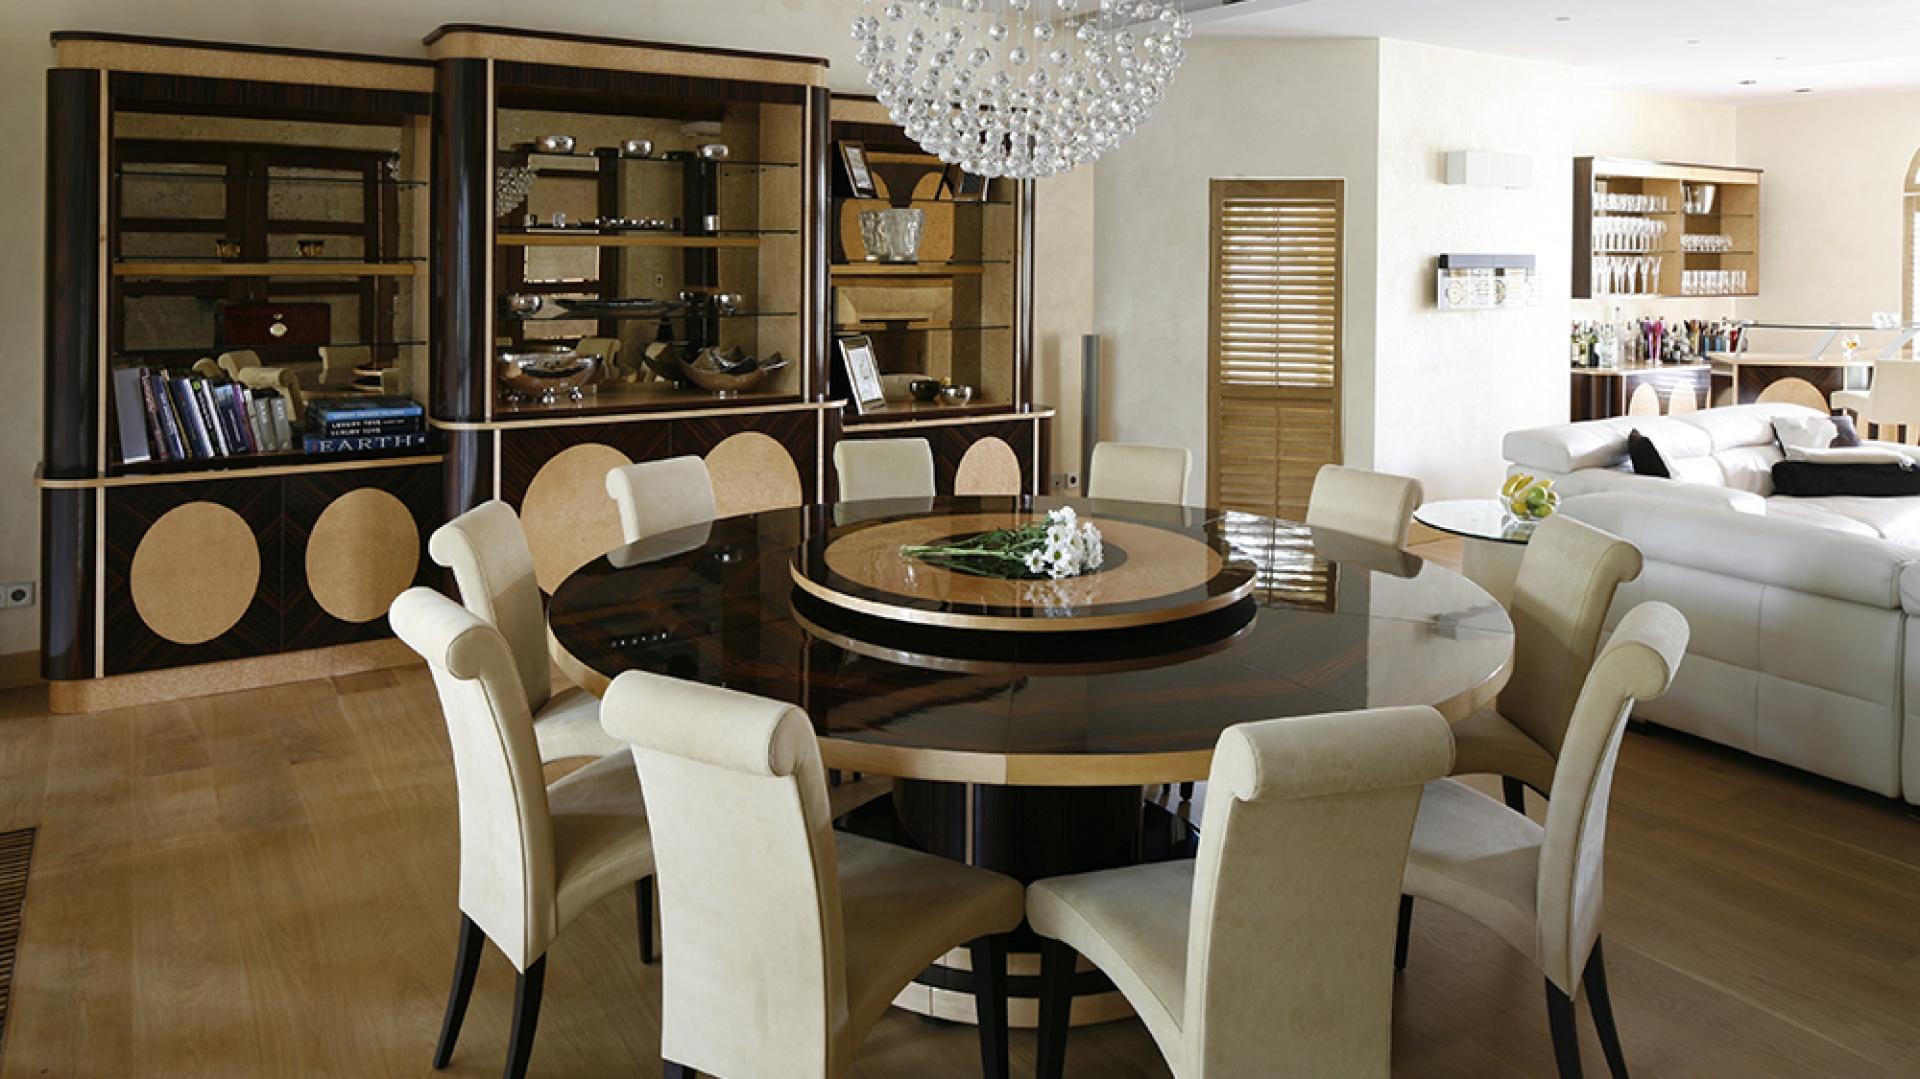 Otwarty na gości salon łączy strefę jadalnianą, wypoczynkową i rozrywkową. Jego funkcję podkreśla okrągły stół, okolony przez stylowe krzesła. Wyrafinowaną elegancję wydobywa przeszklony regał – całość wykonana na zamówienie. Fot. Bartosz Jarosz.